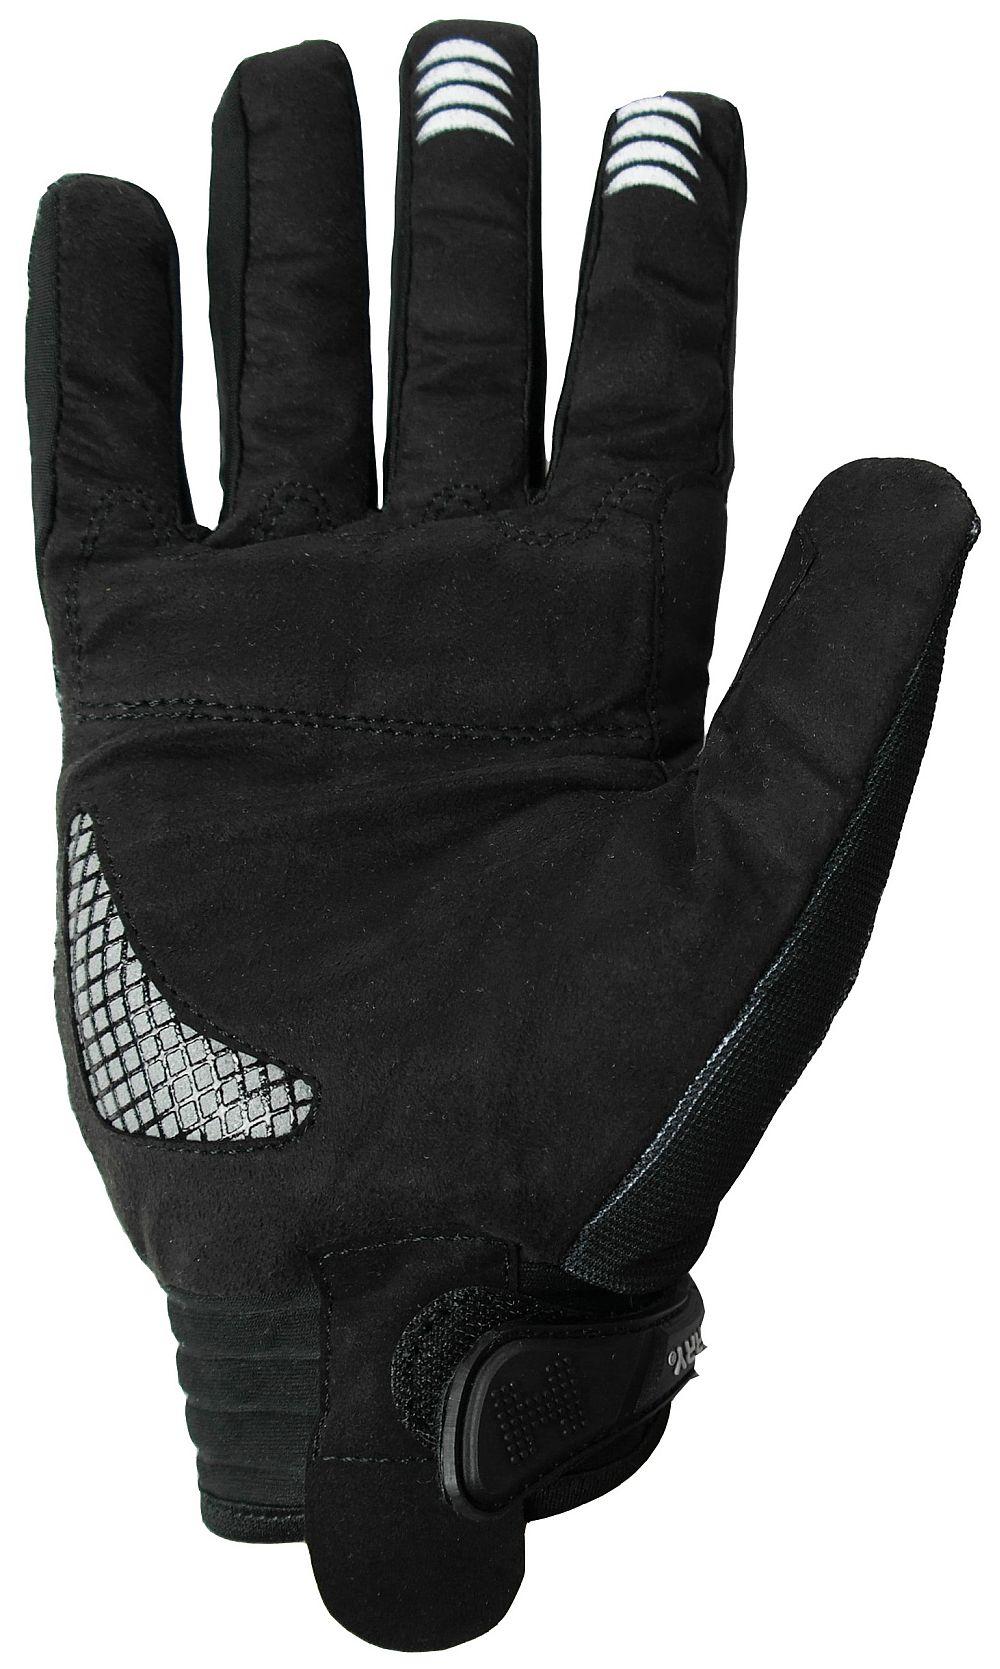 Heyberry Motocross Enduro MX Handschuhe schwarz weiß Gr. M - XXL